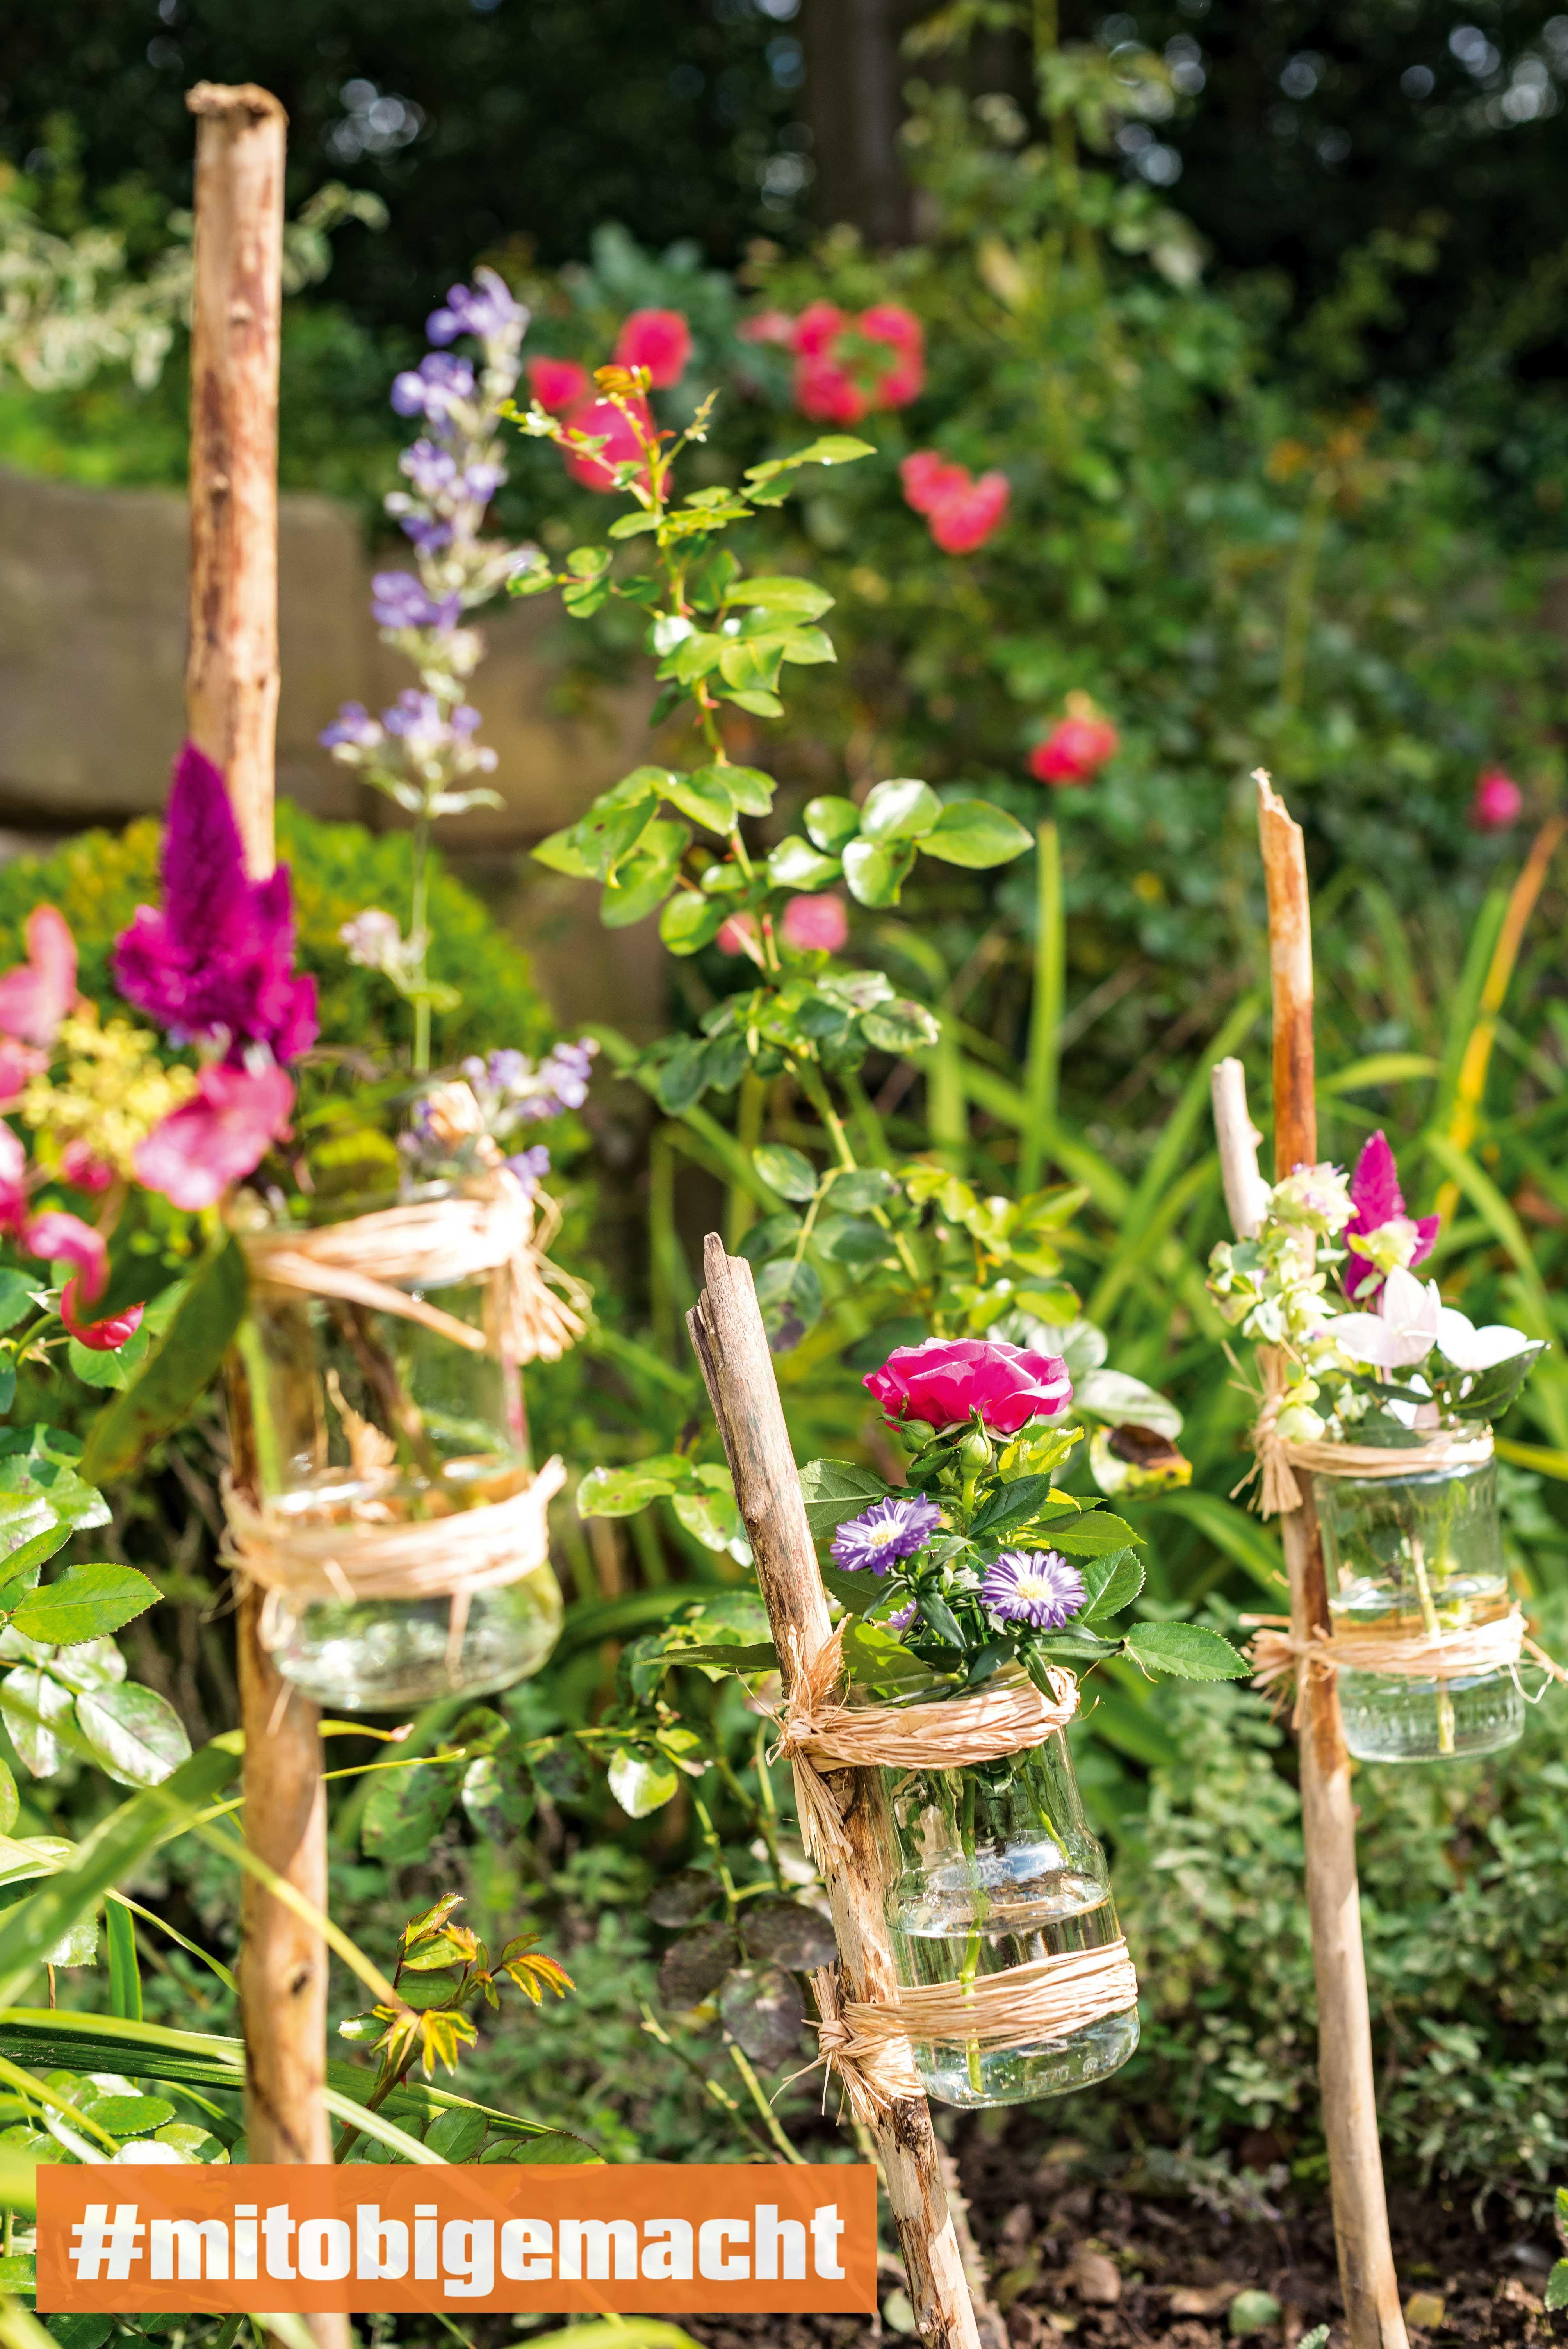 Ein Einfacher Selbstbauhack Mit Großer Wirkung Im Blumengarten. #blumen # Garten #selbstbauhack #mitobigemacht #obi